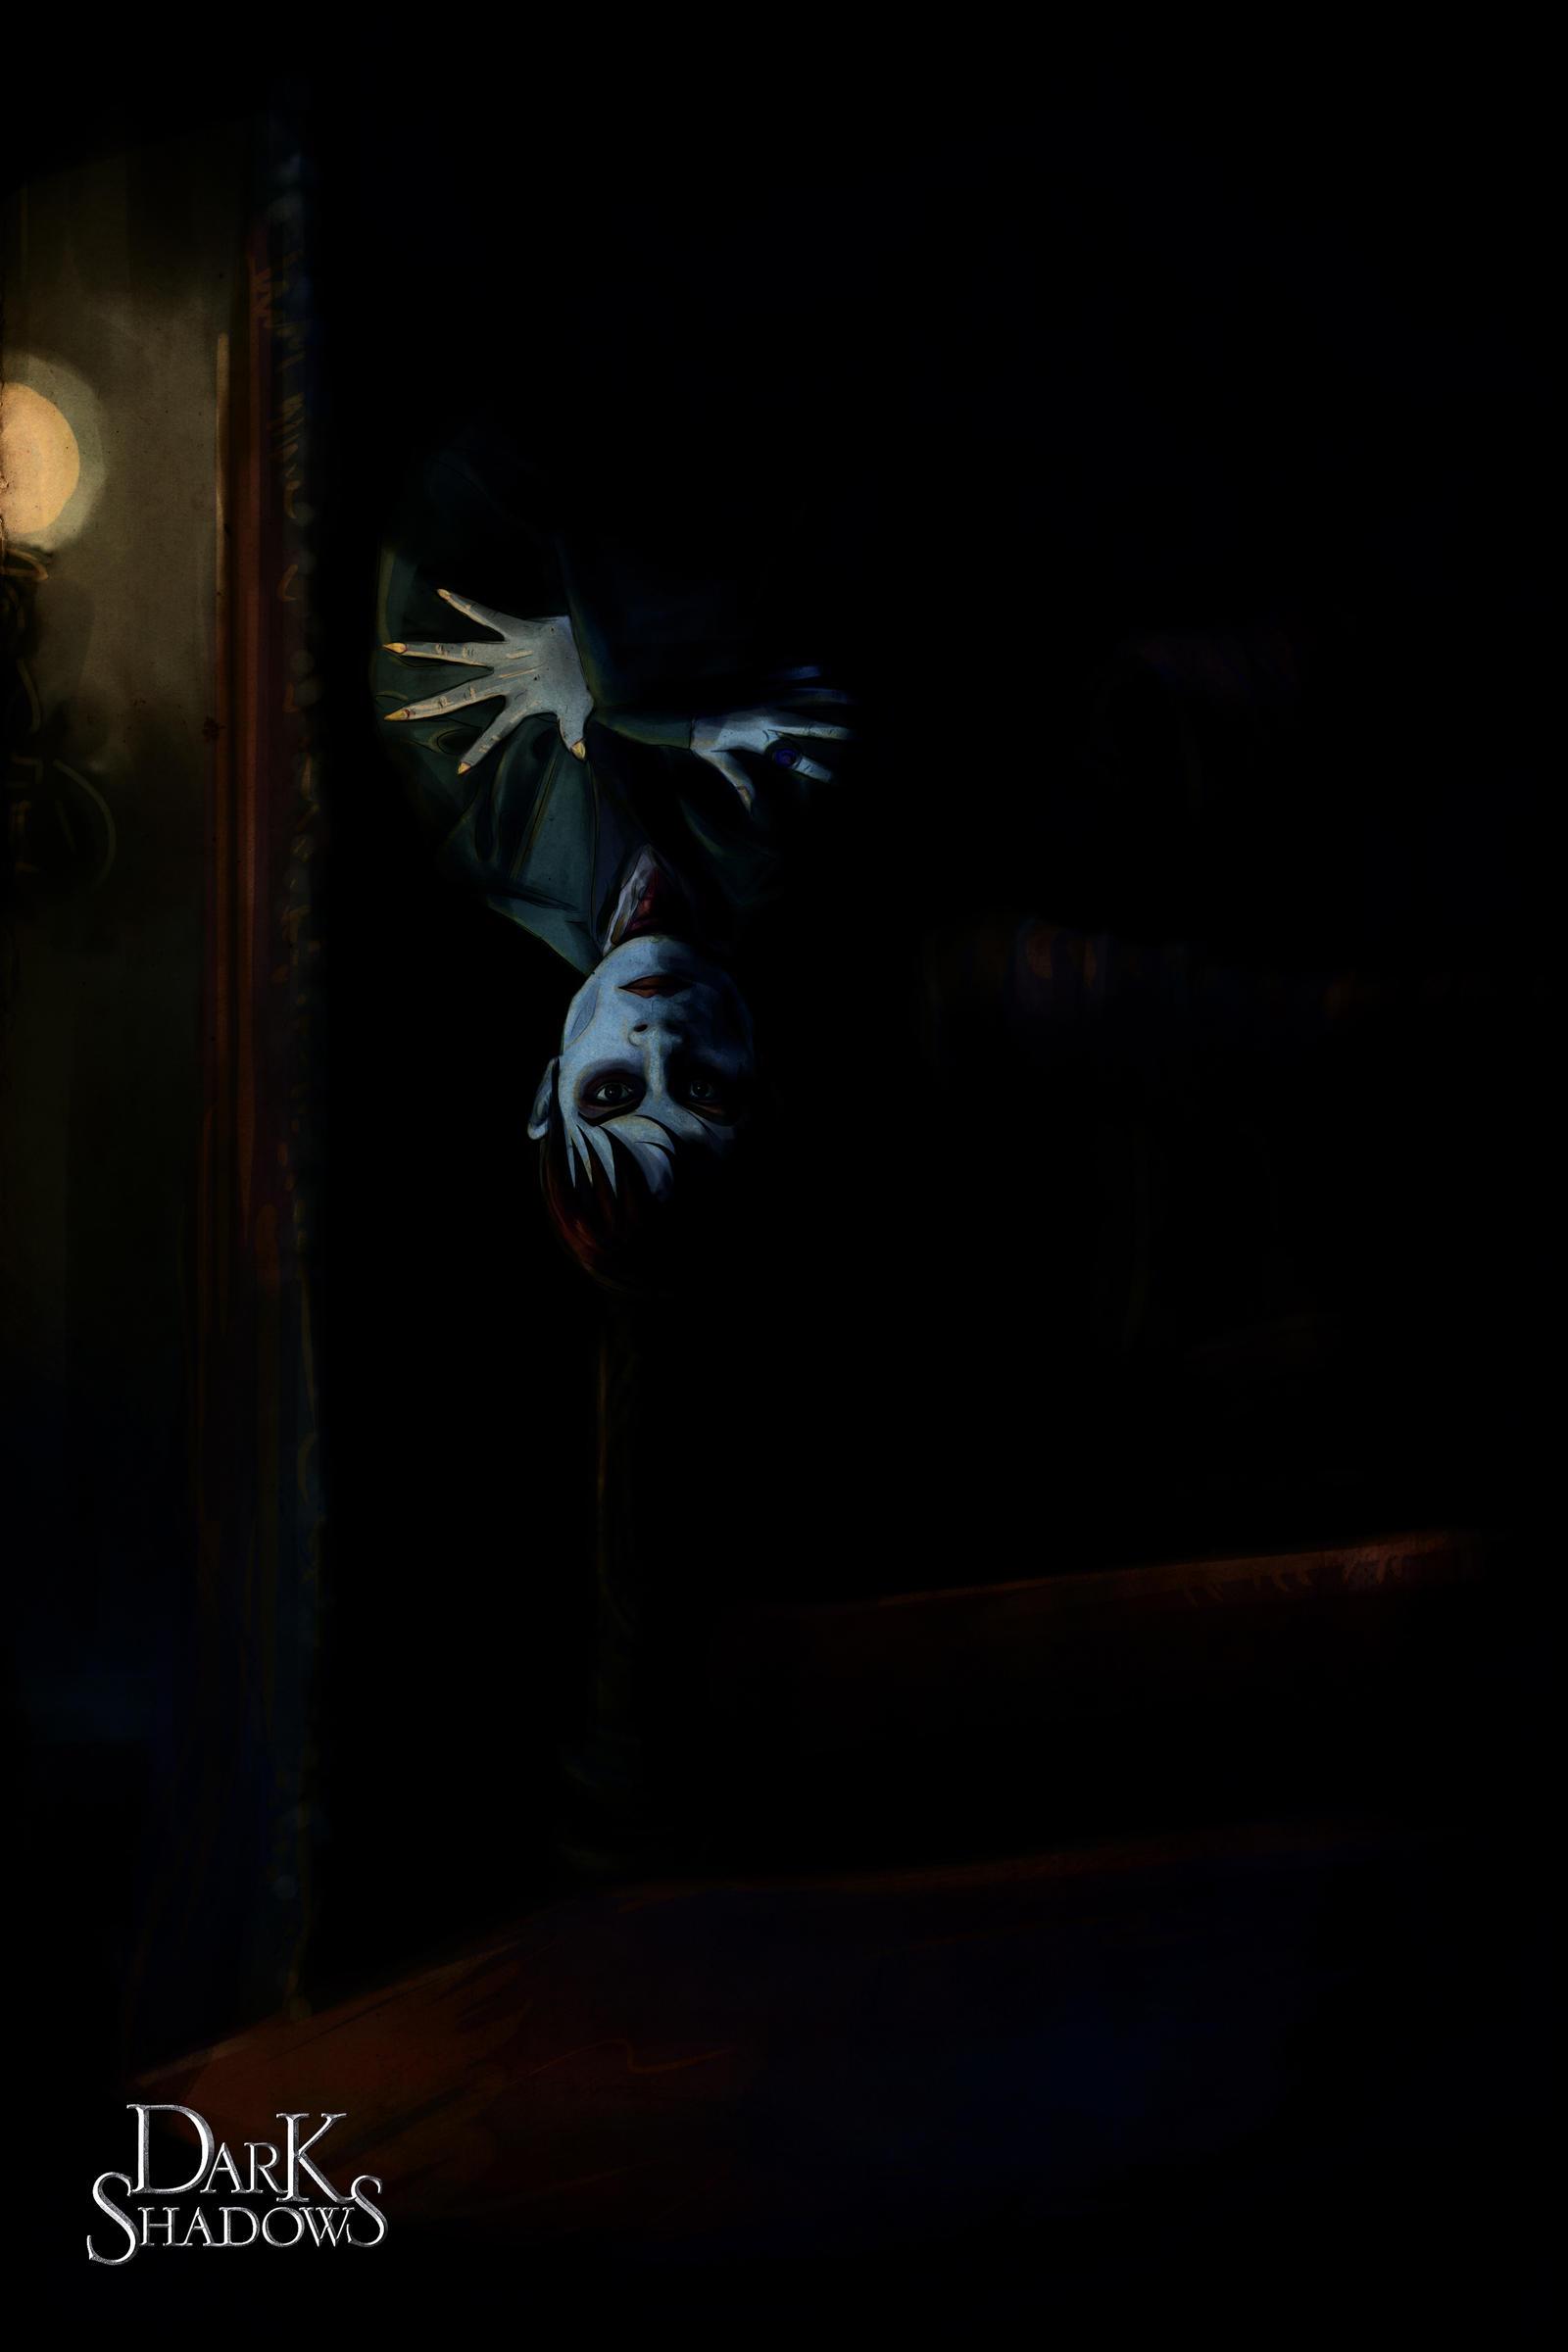 Dark Shadows - Barnabas The Tired by studiomuku